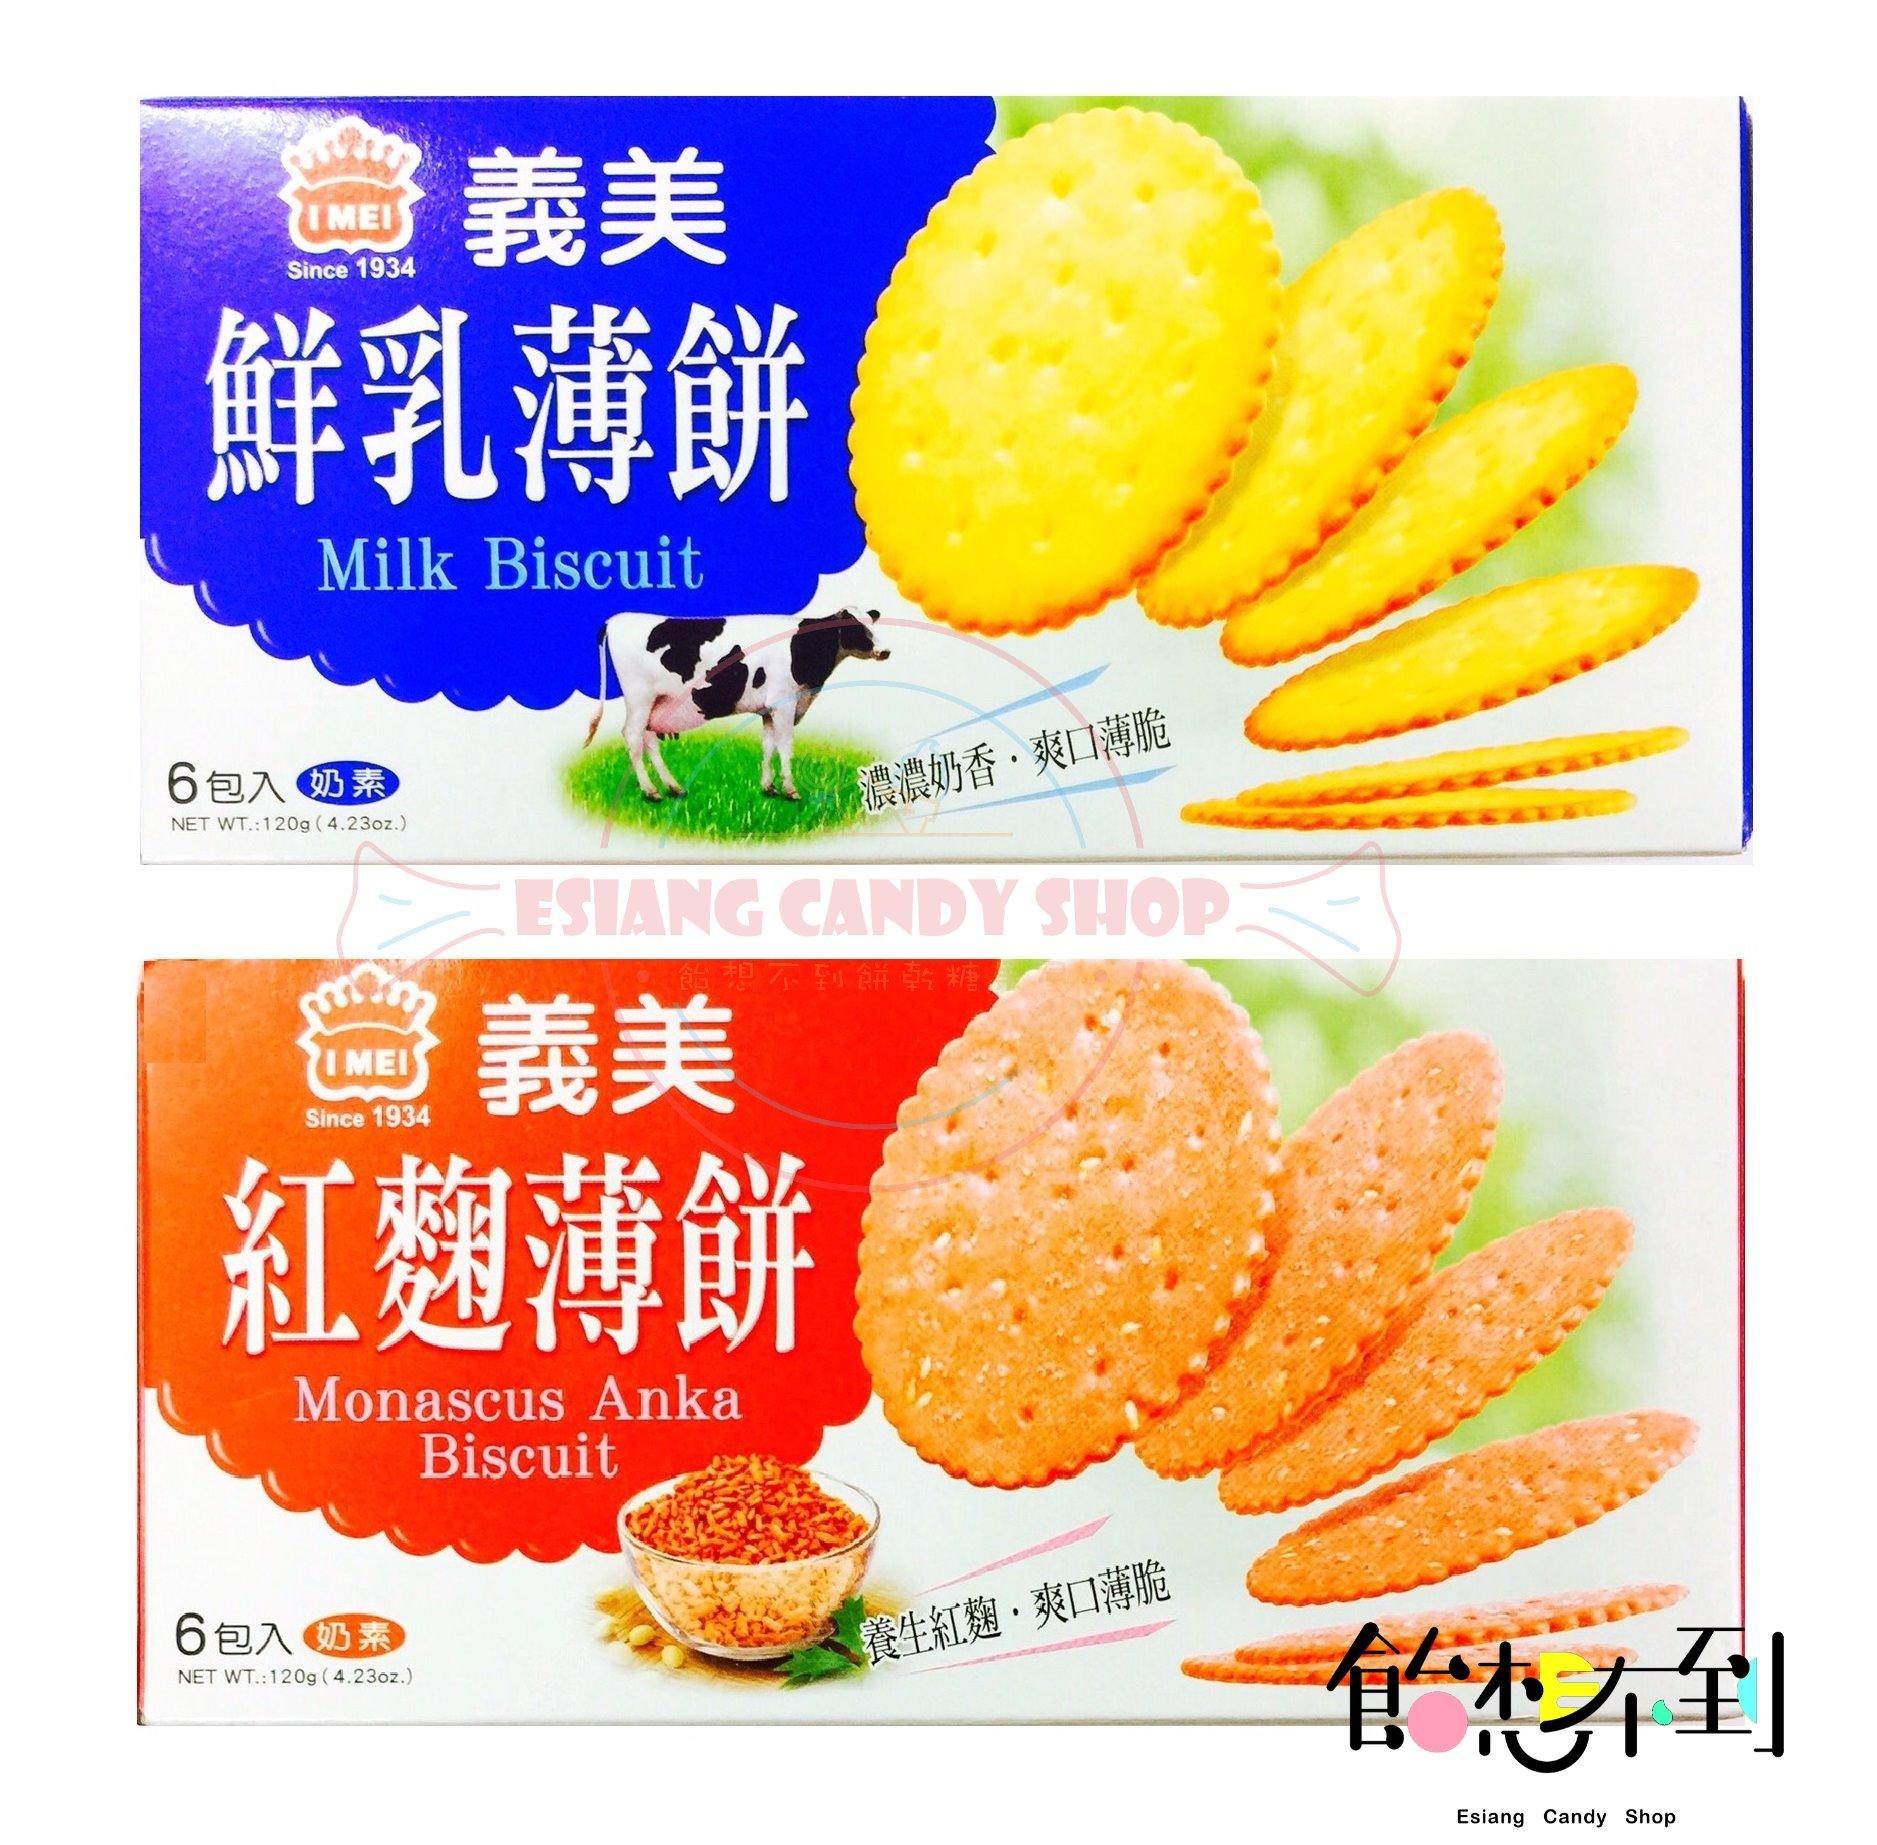 〚義美〛養生薄餅120g - 紅麴 / 鮮乳